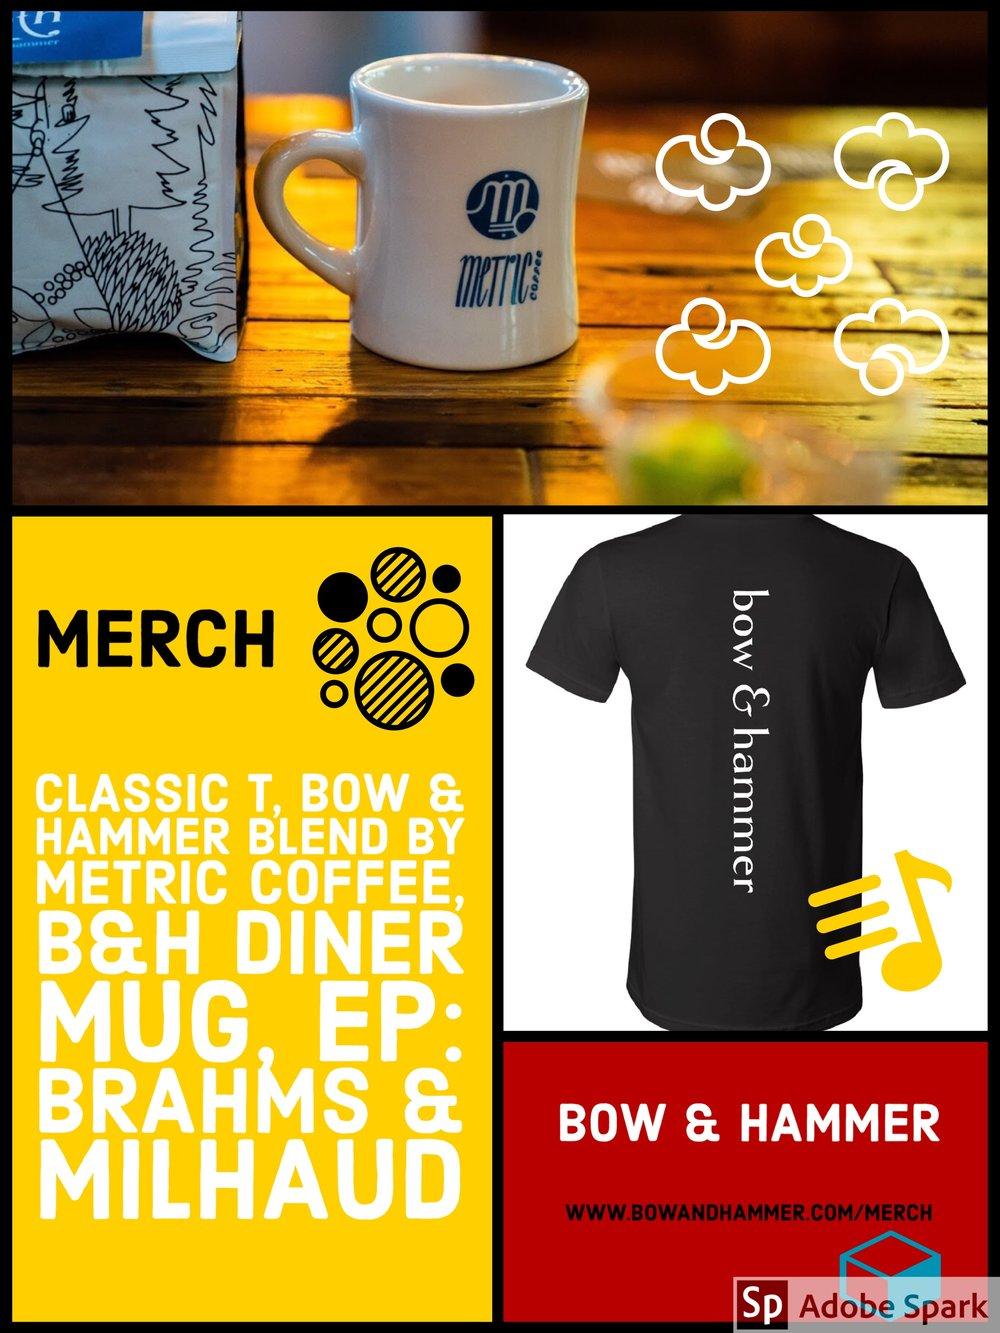 http://www.bowandhammer.com/merch